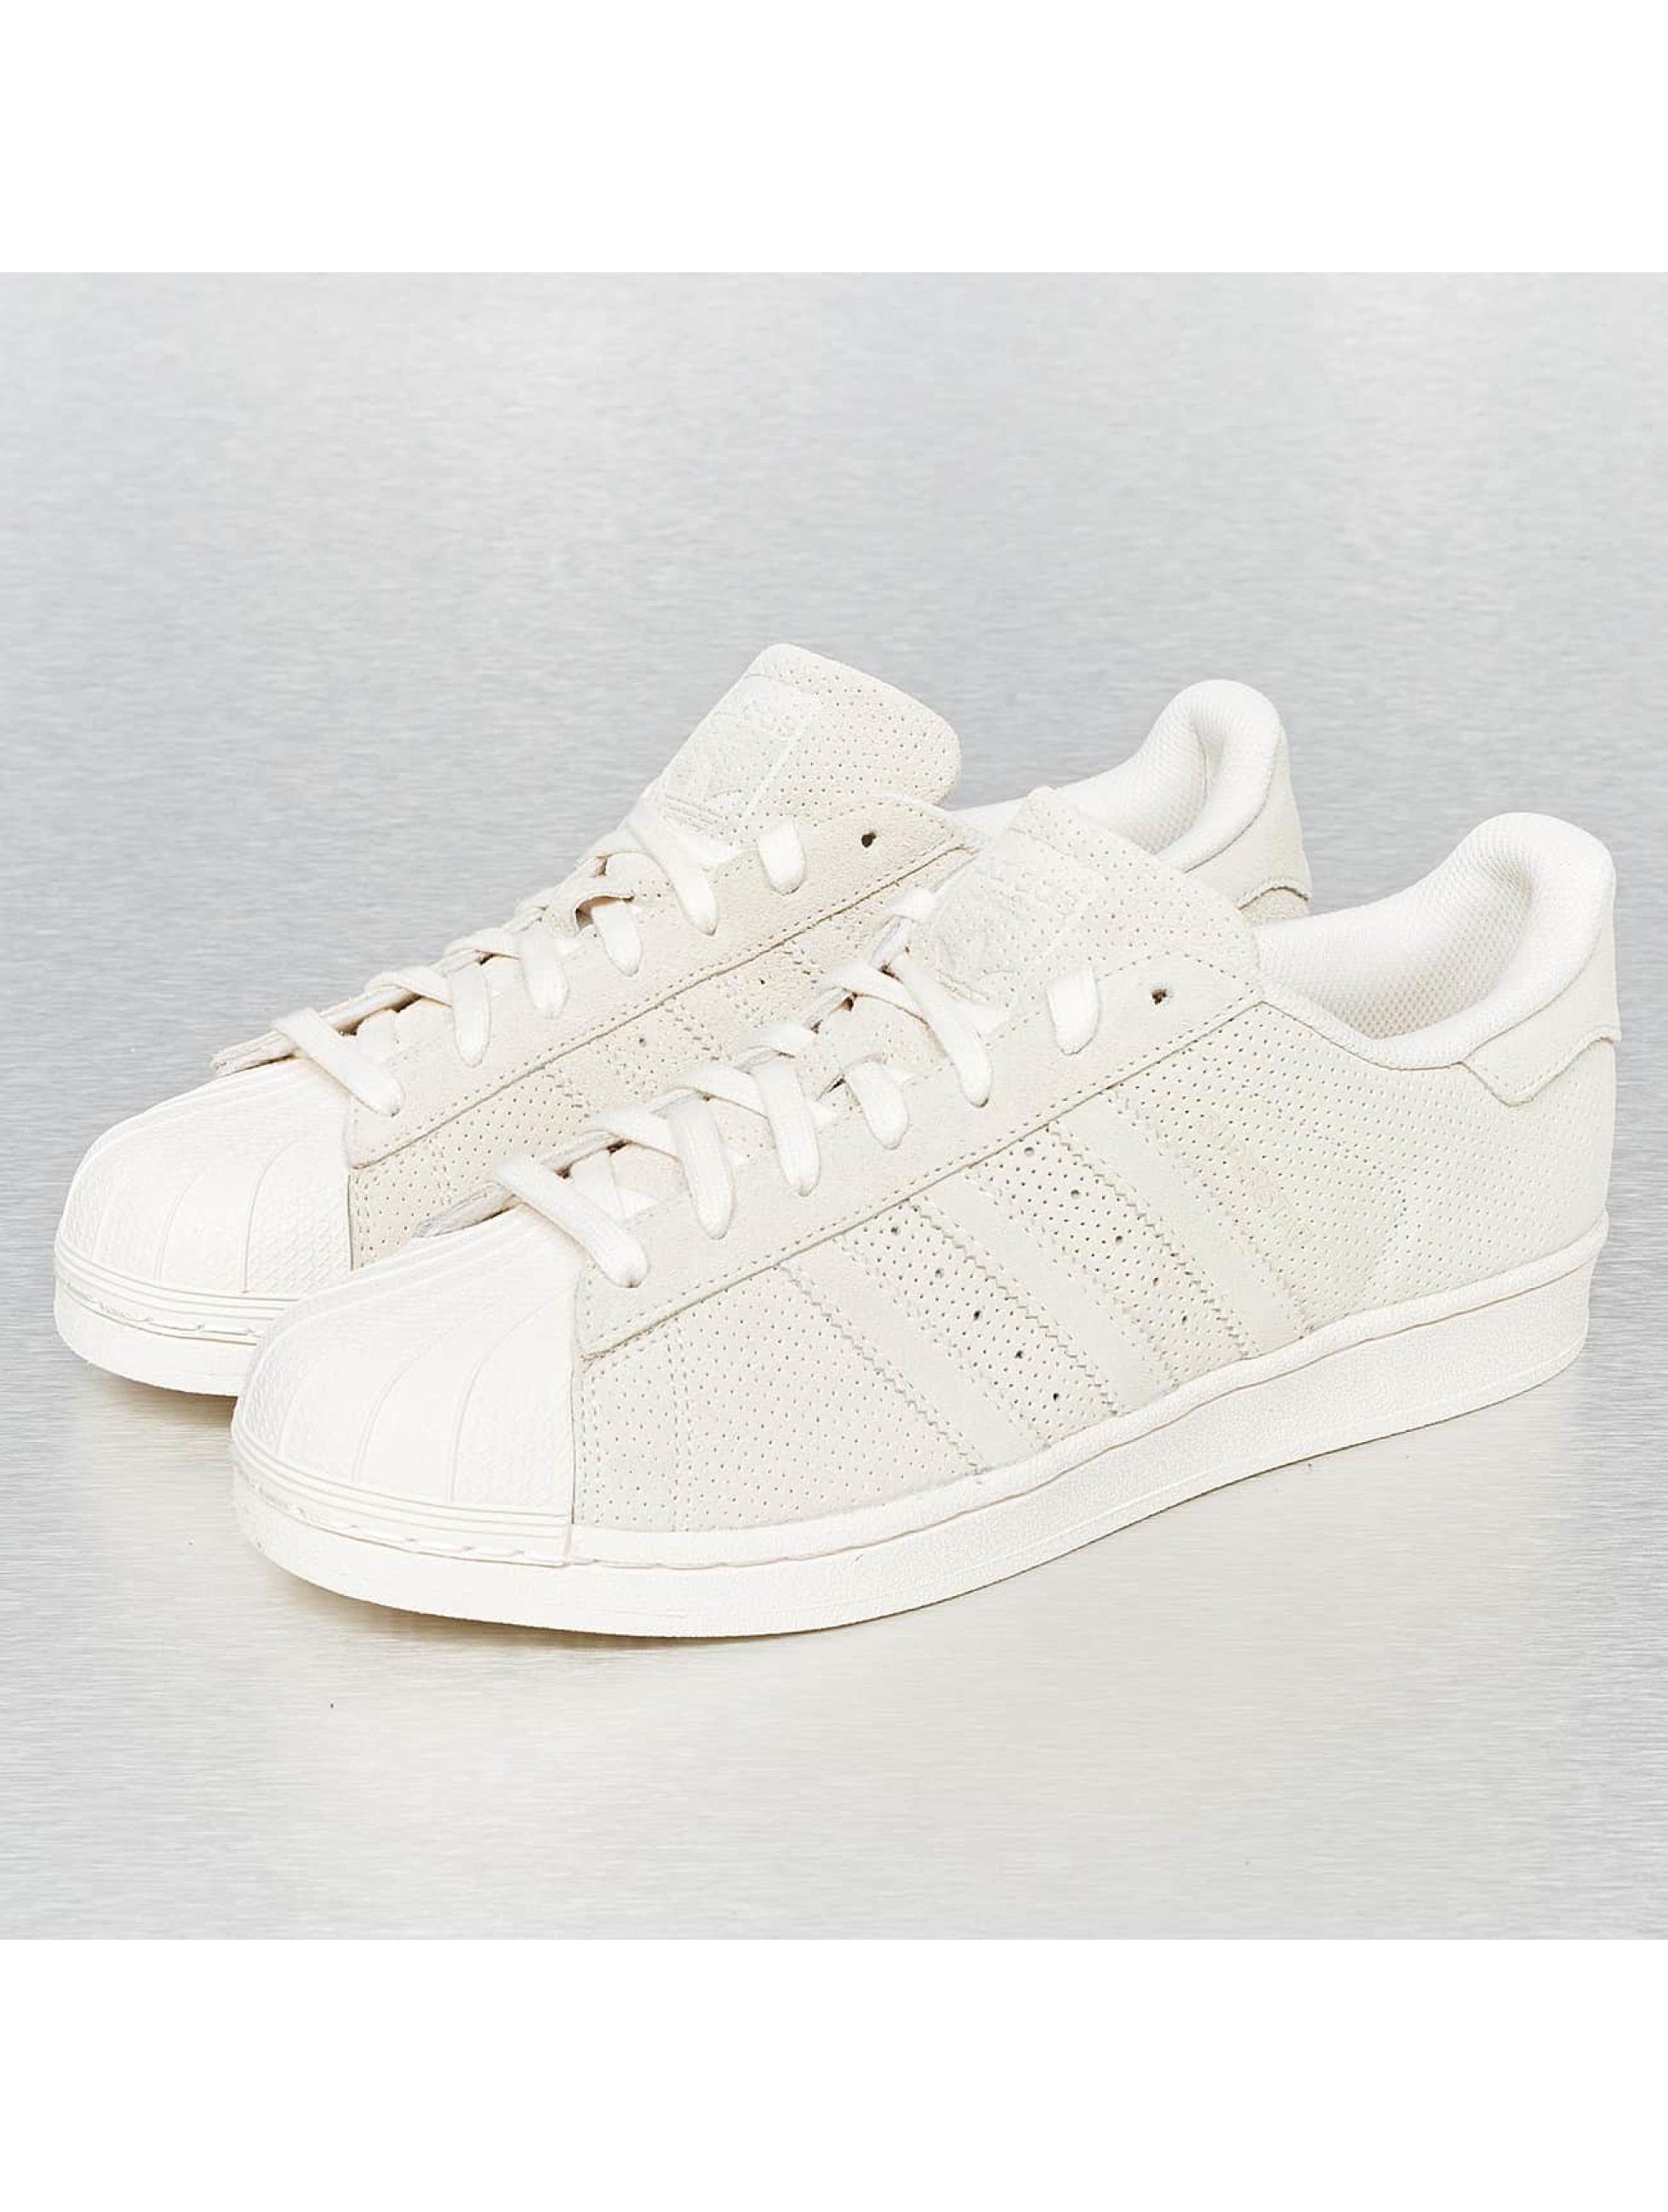 Adidas Schuhe Beige